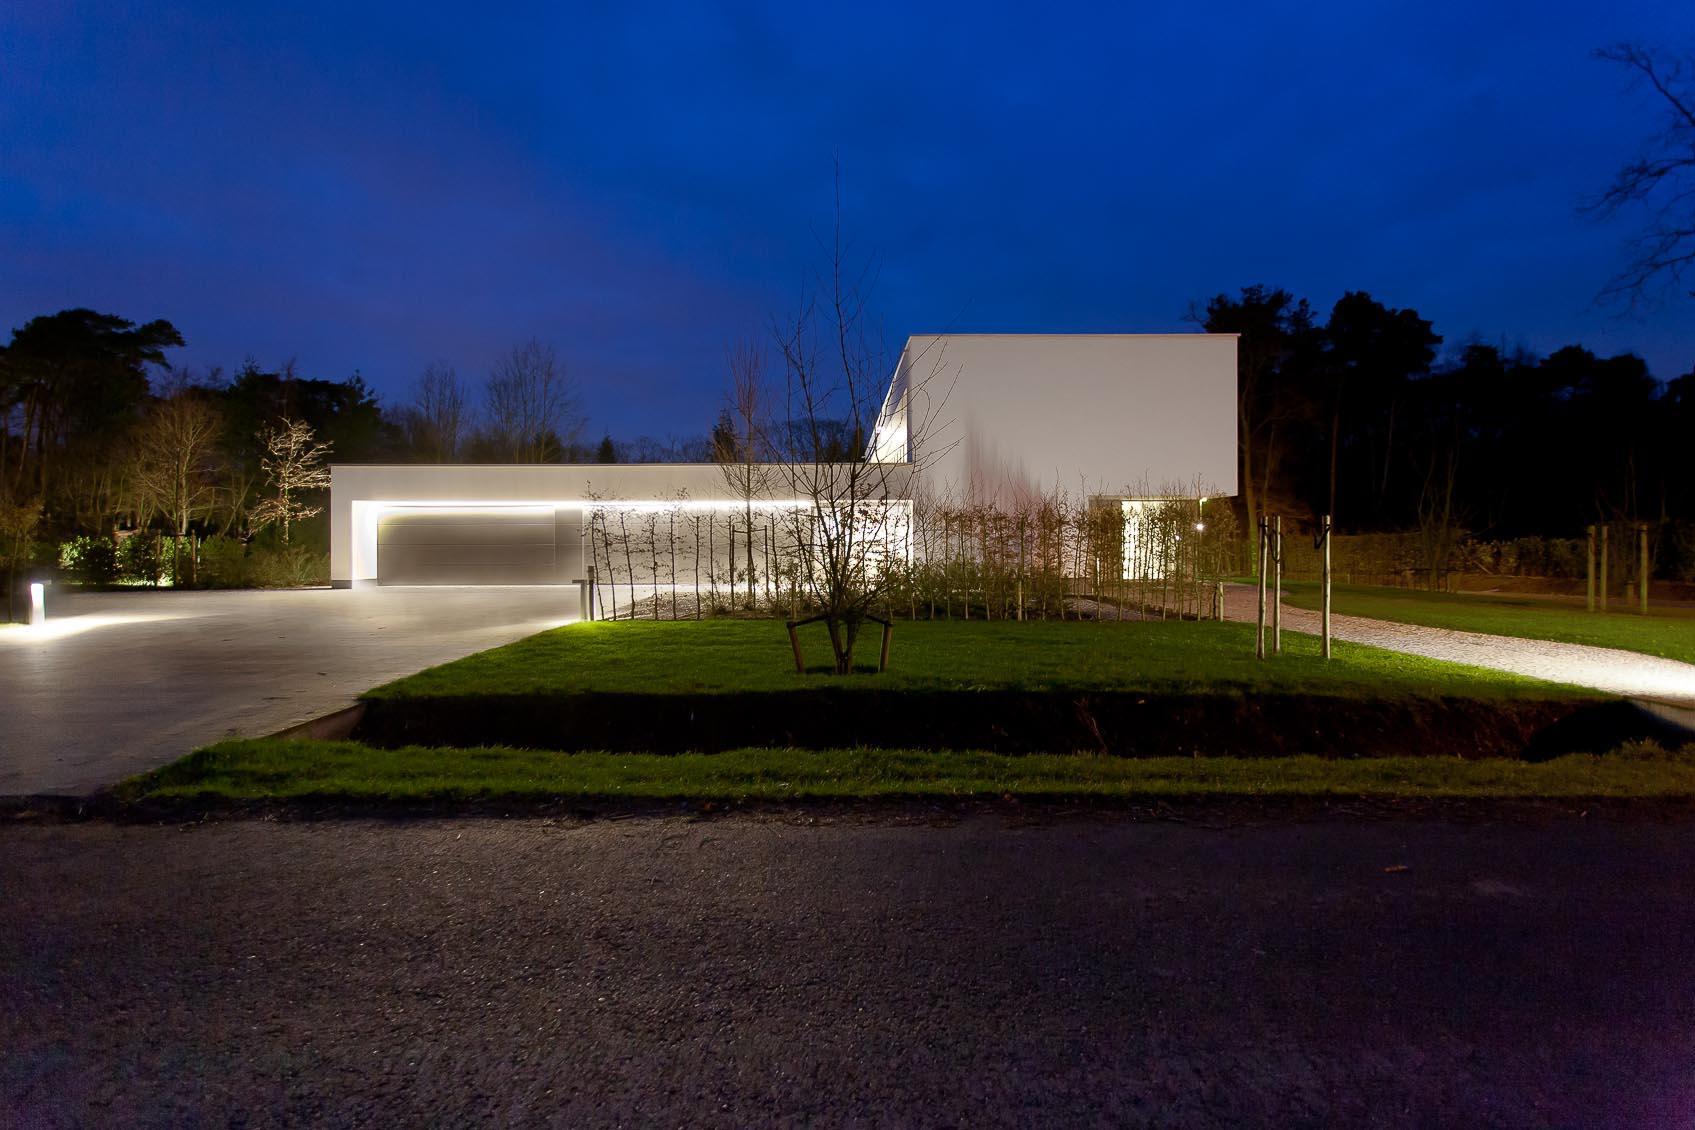 Witte architecturale woning met warme lichtsfeer - Buitenverlichting gevelhuis ...